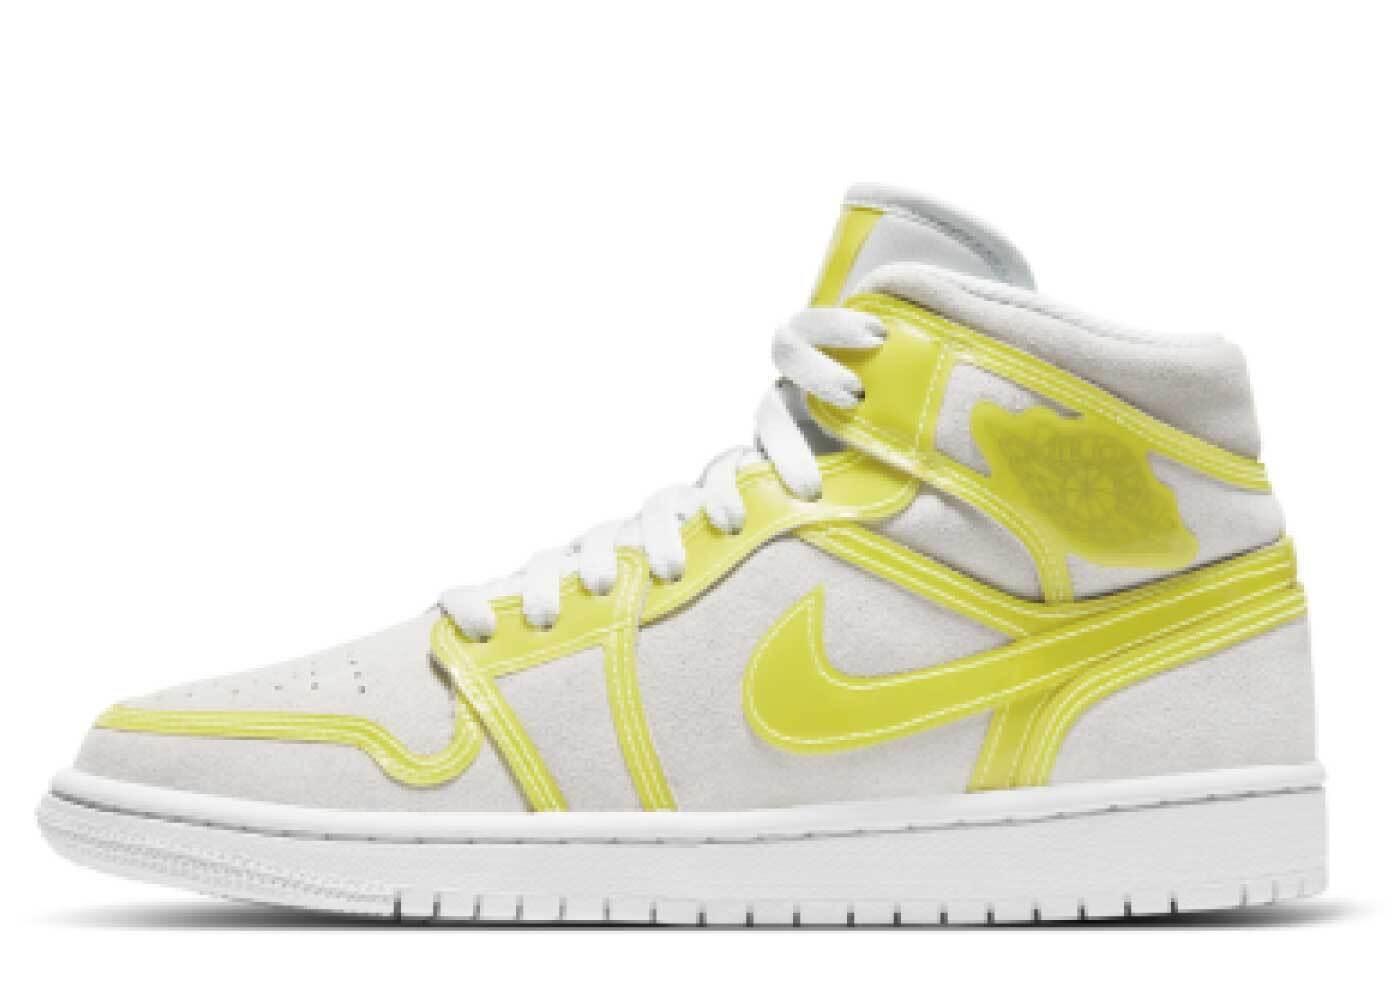 Nike Air Jordan 1 Mid LX Opti Yellow Womensの写真